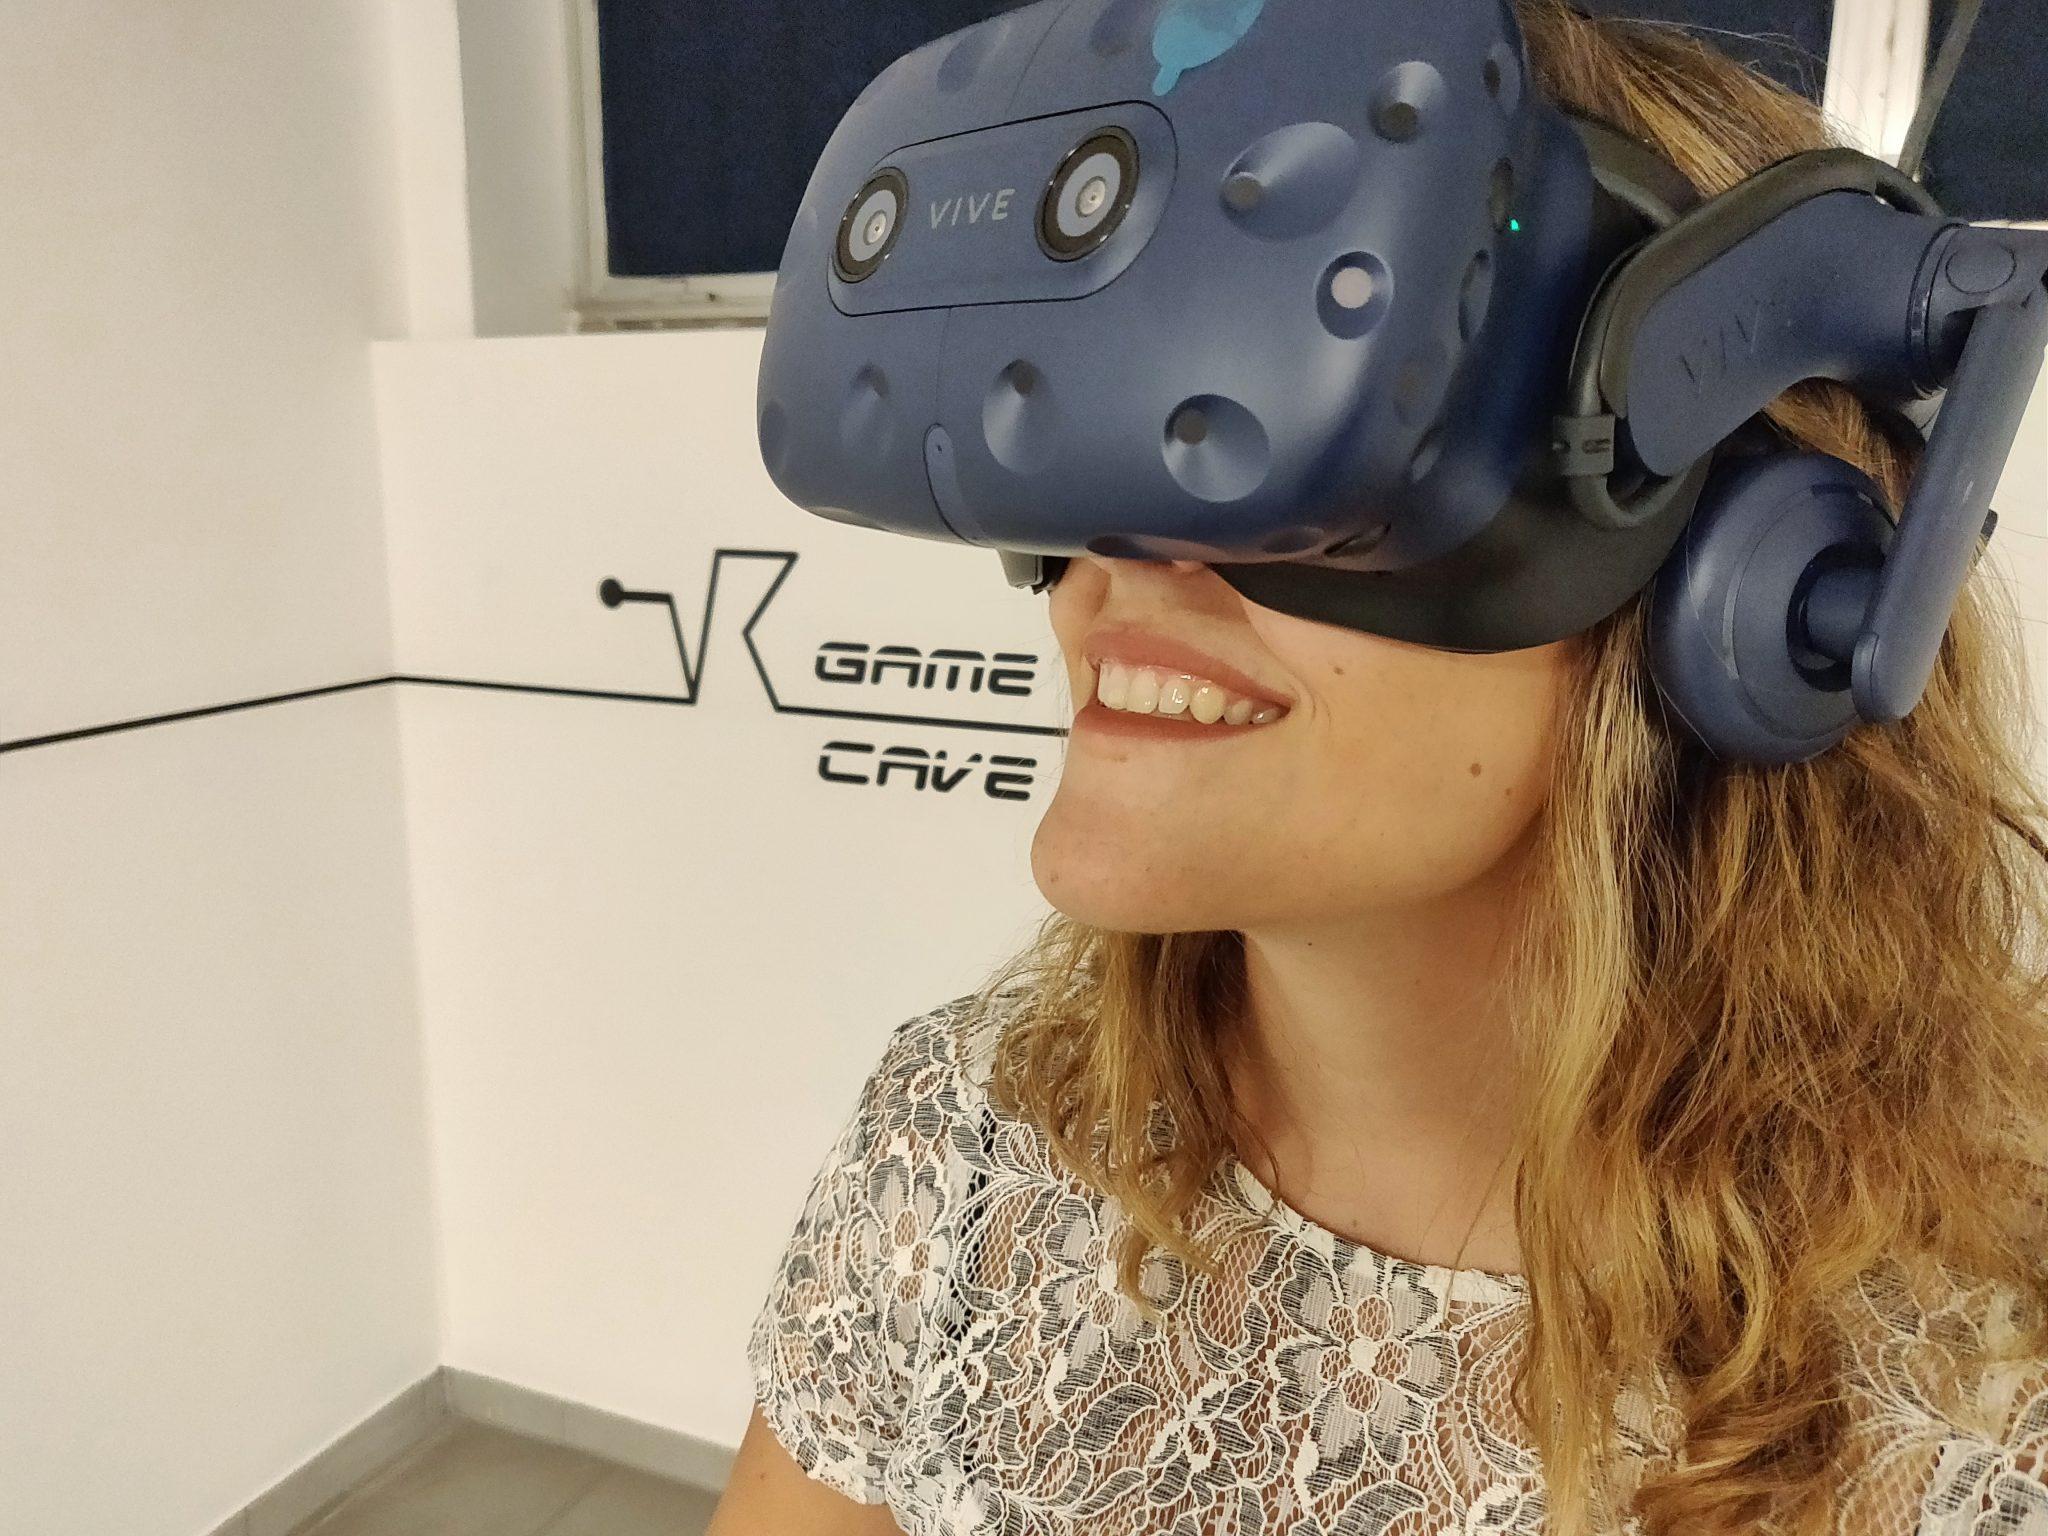 vr game cave realtà virtuale milano benessere tecnologico psicologia laura fasano sala giochi simulatore lenovo